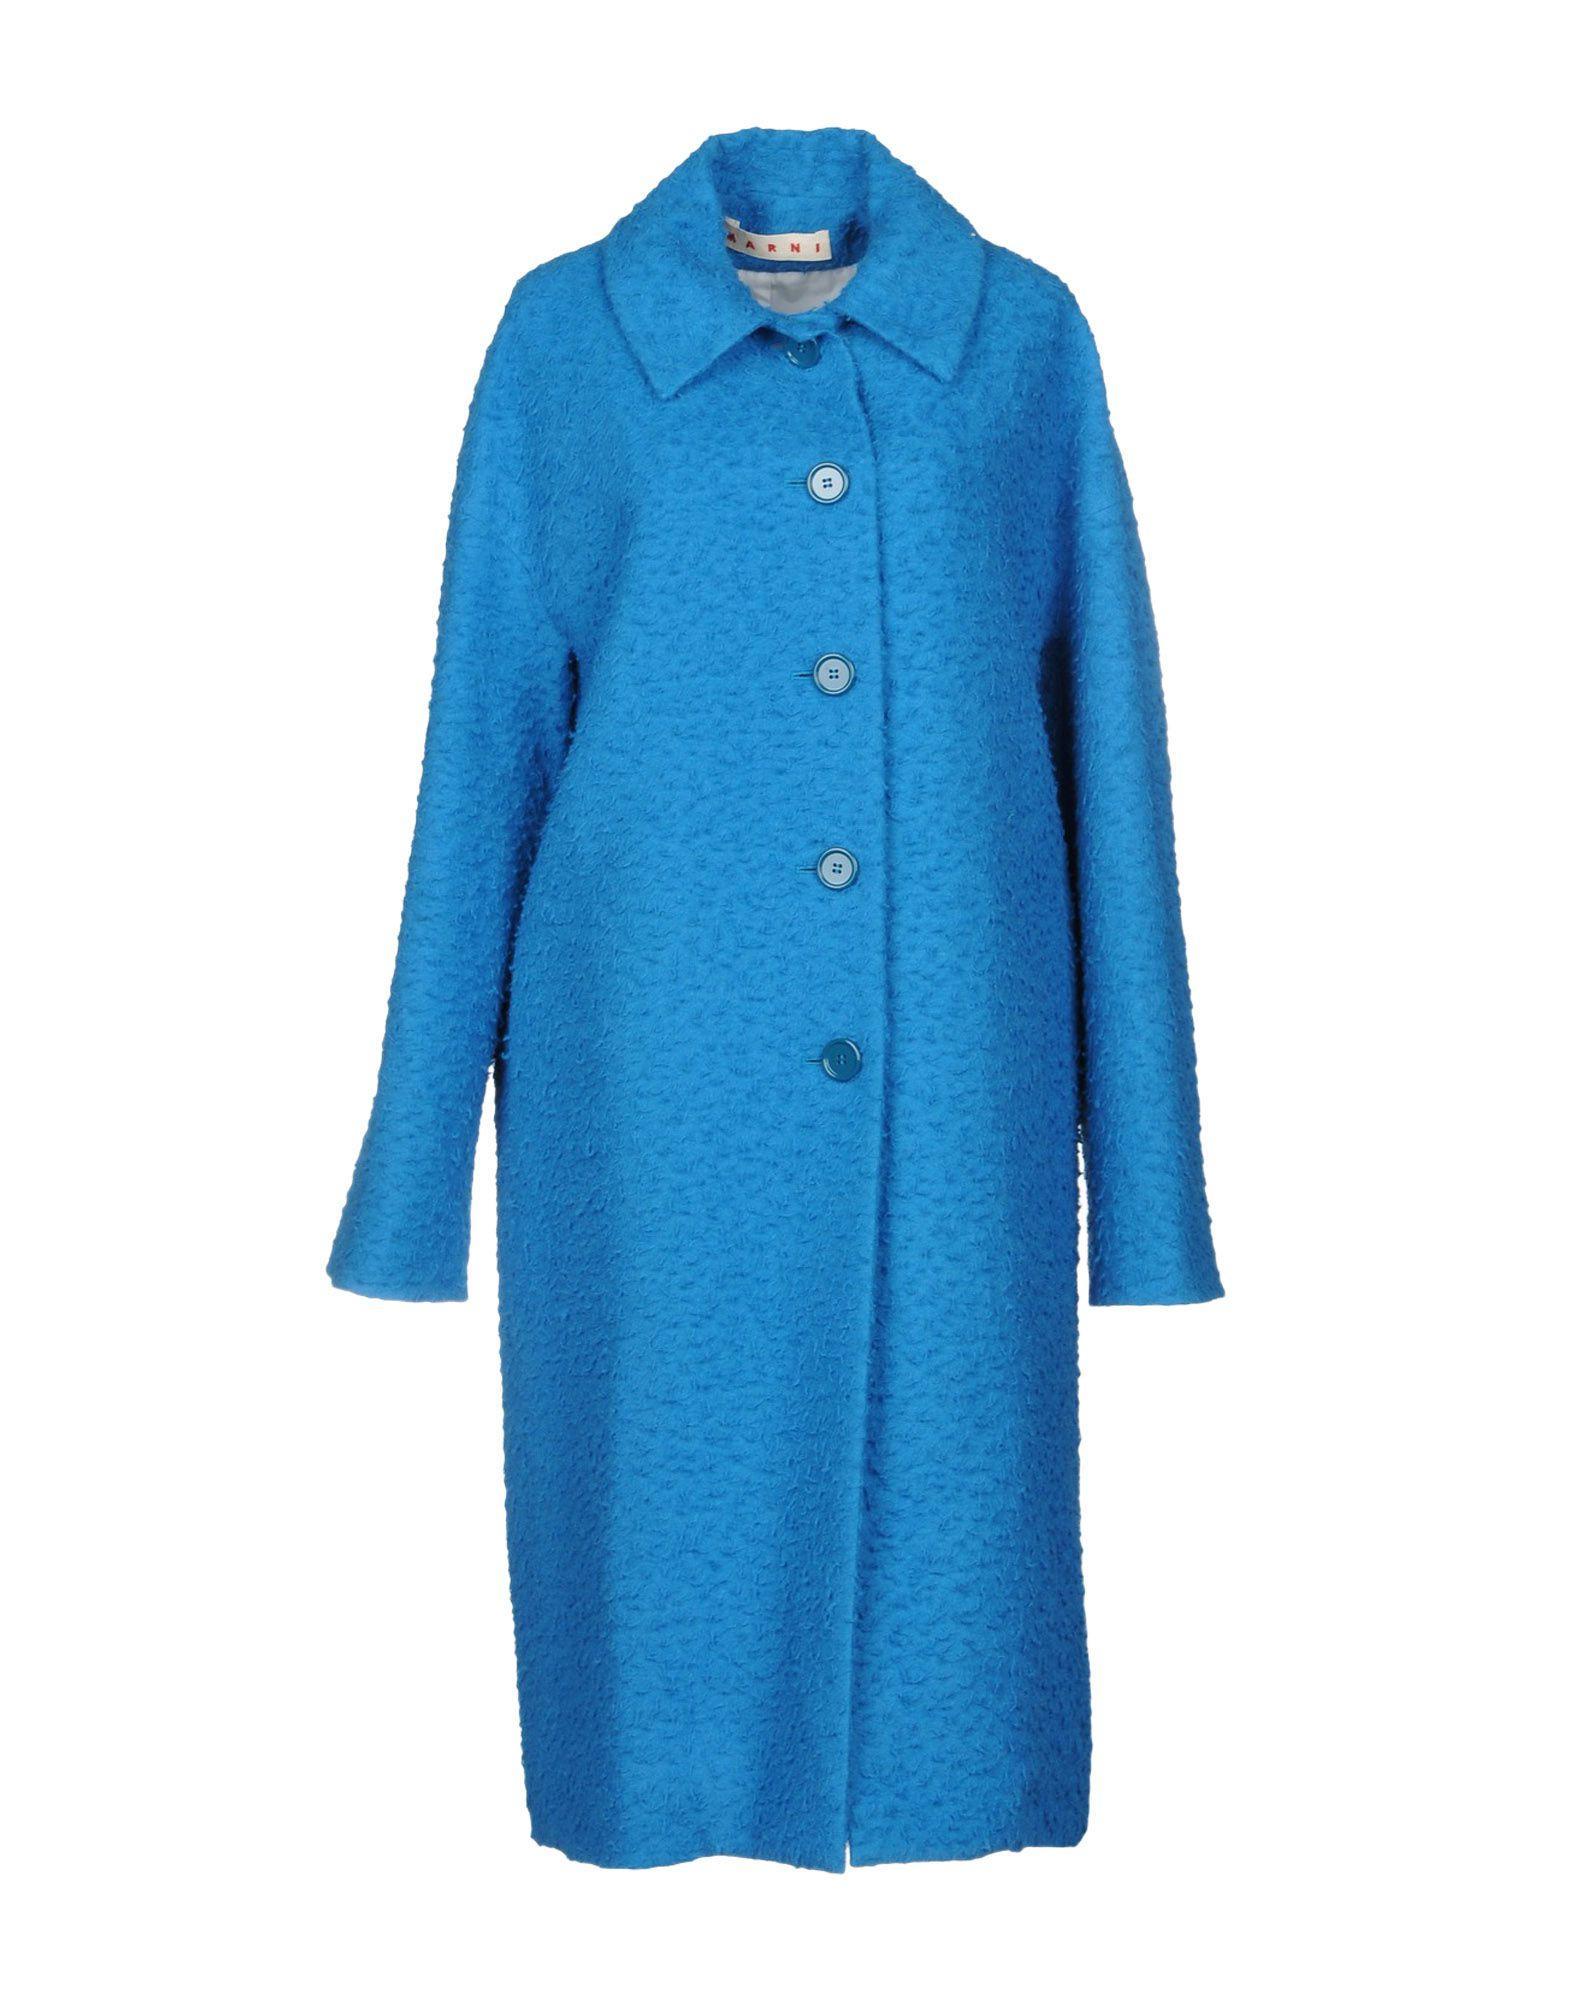 Marni Coat In Azure